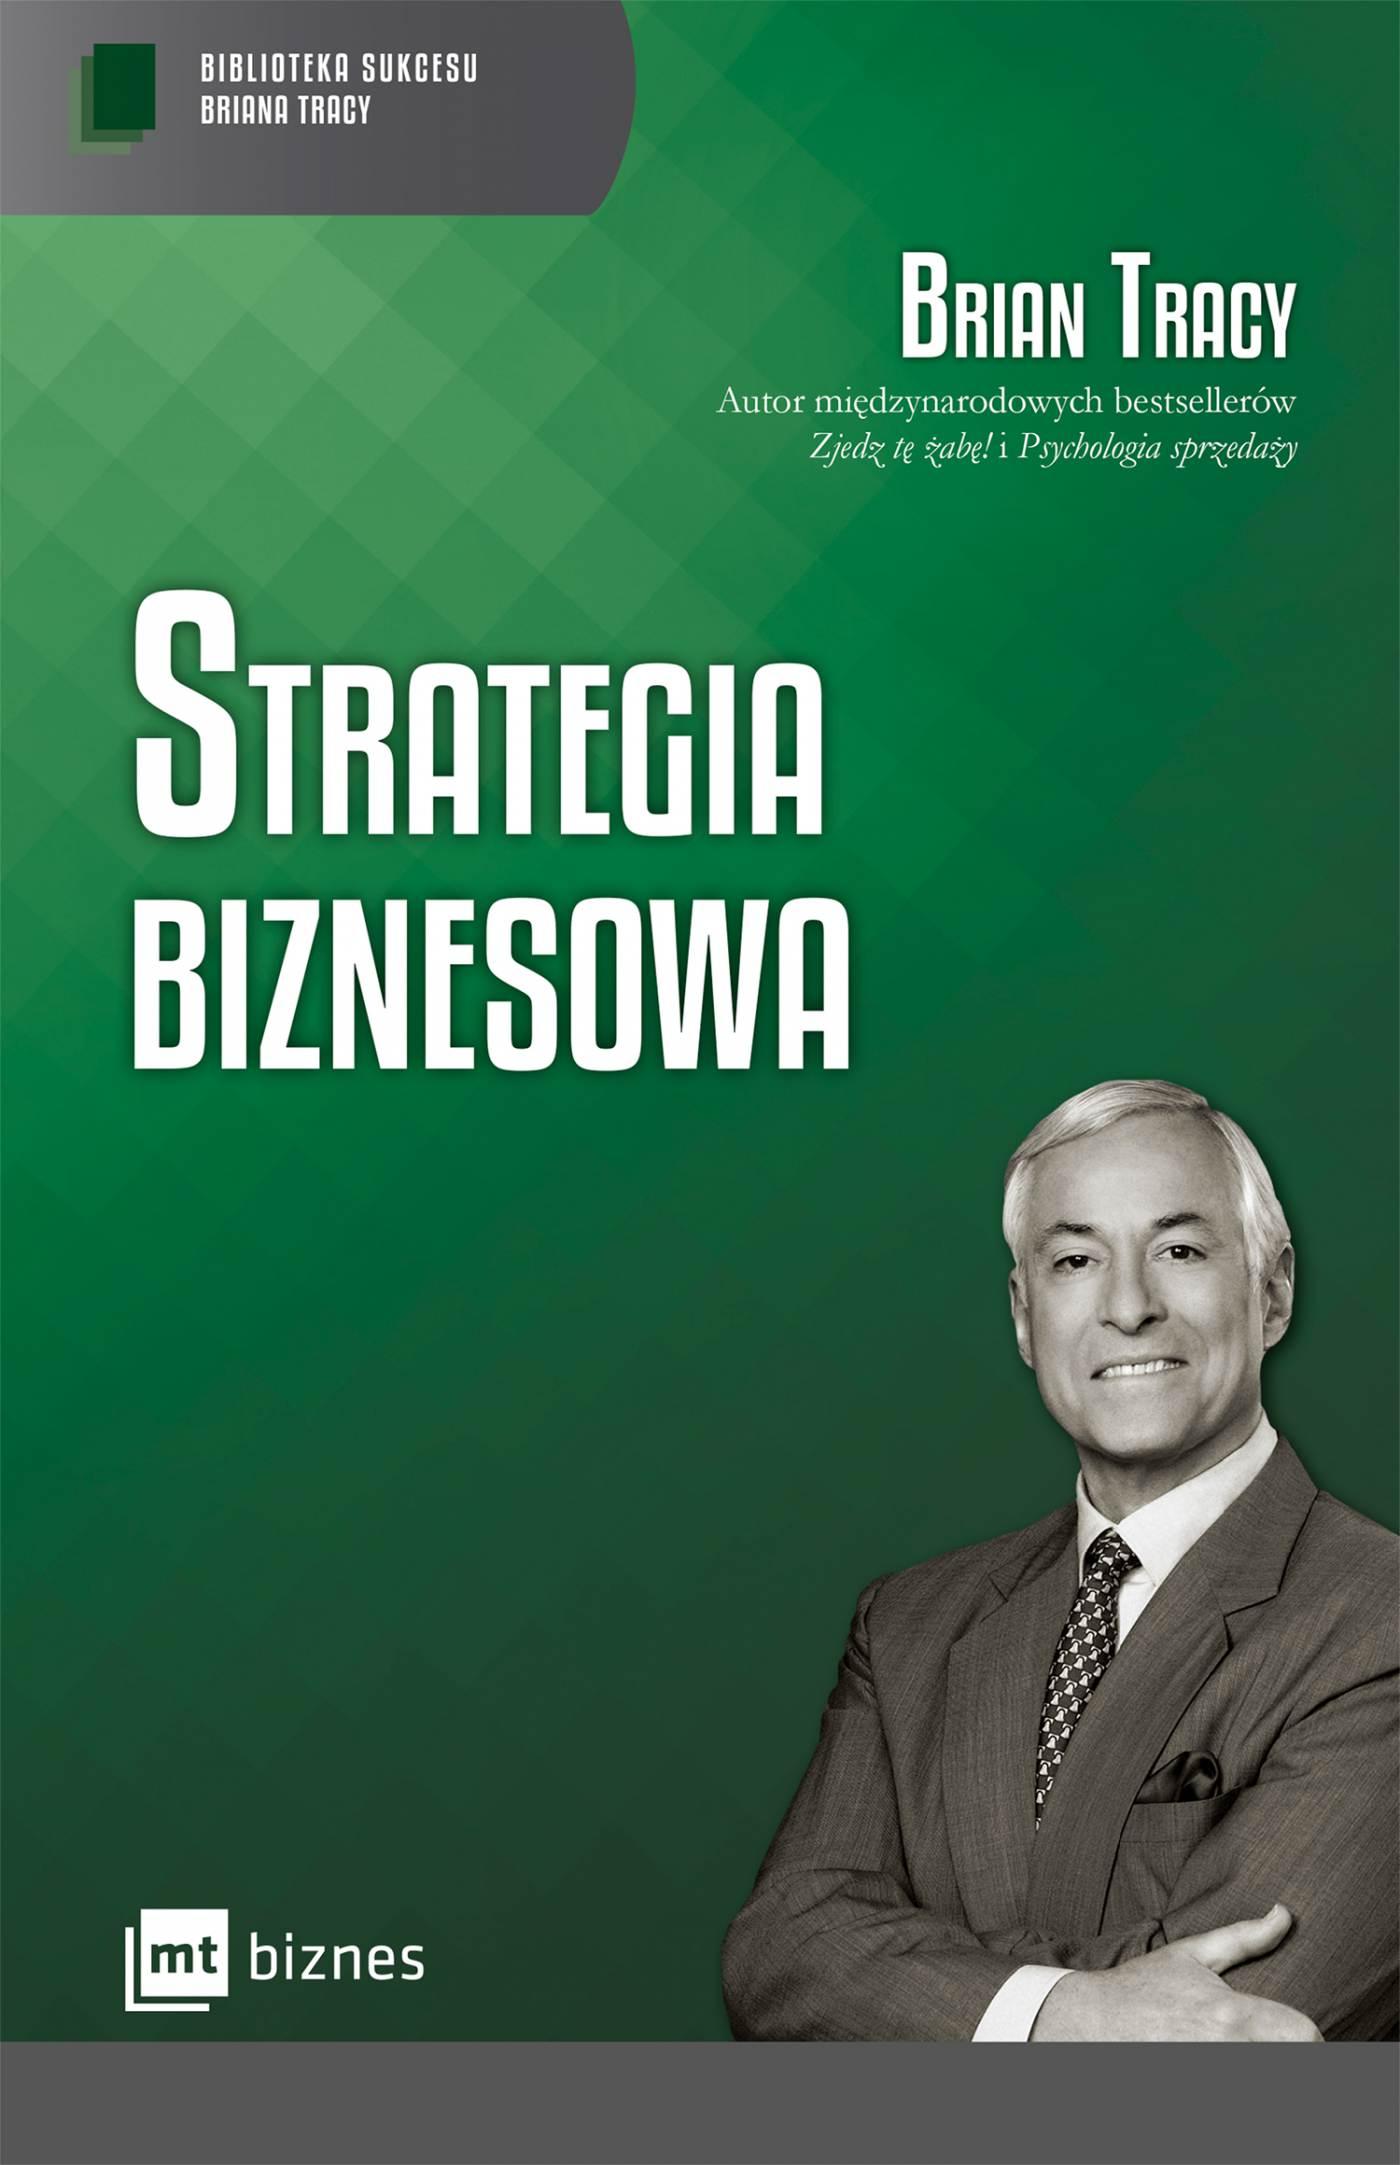 Strategia biznesowa - Ebook (Książka EPUB) do pobrania w formacie EPUB